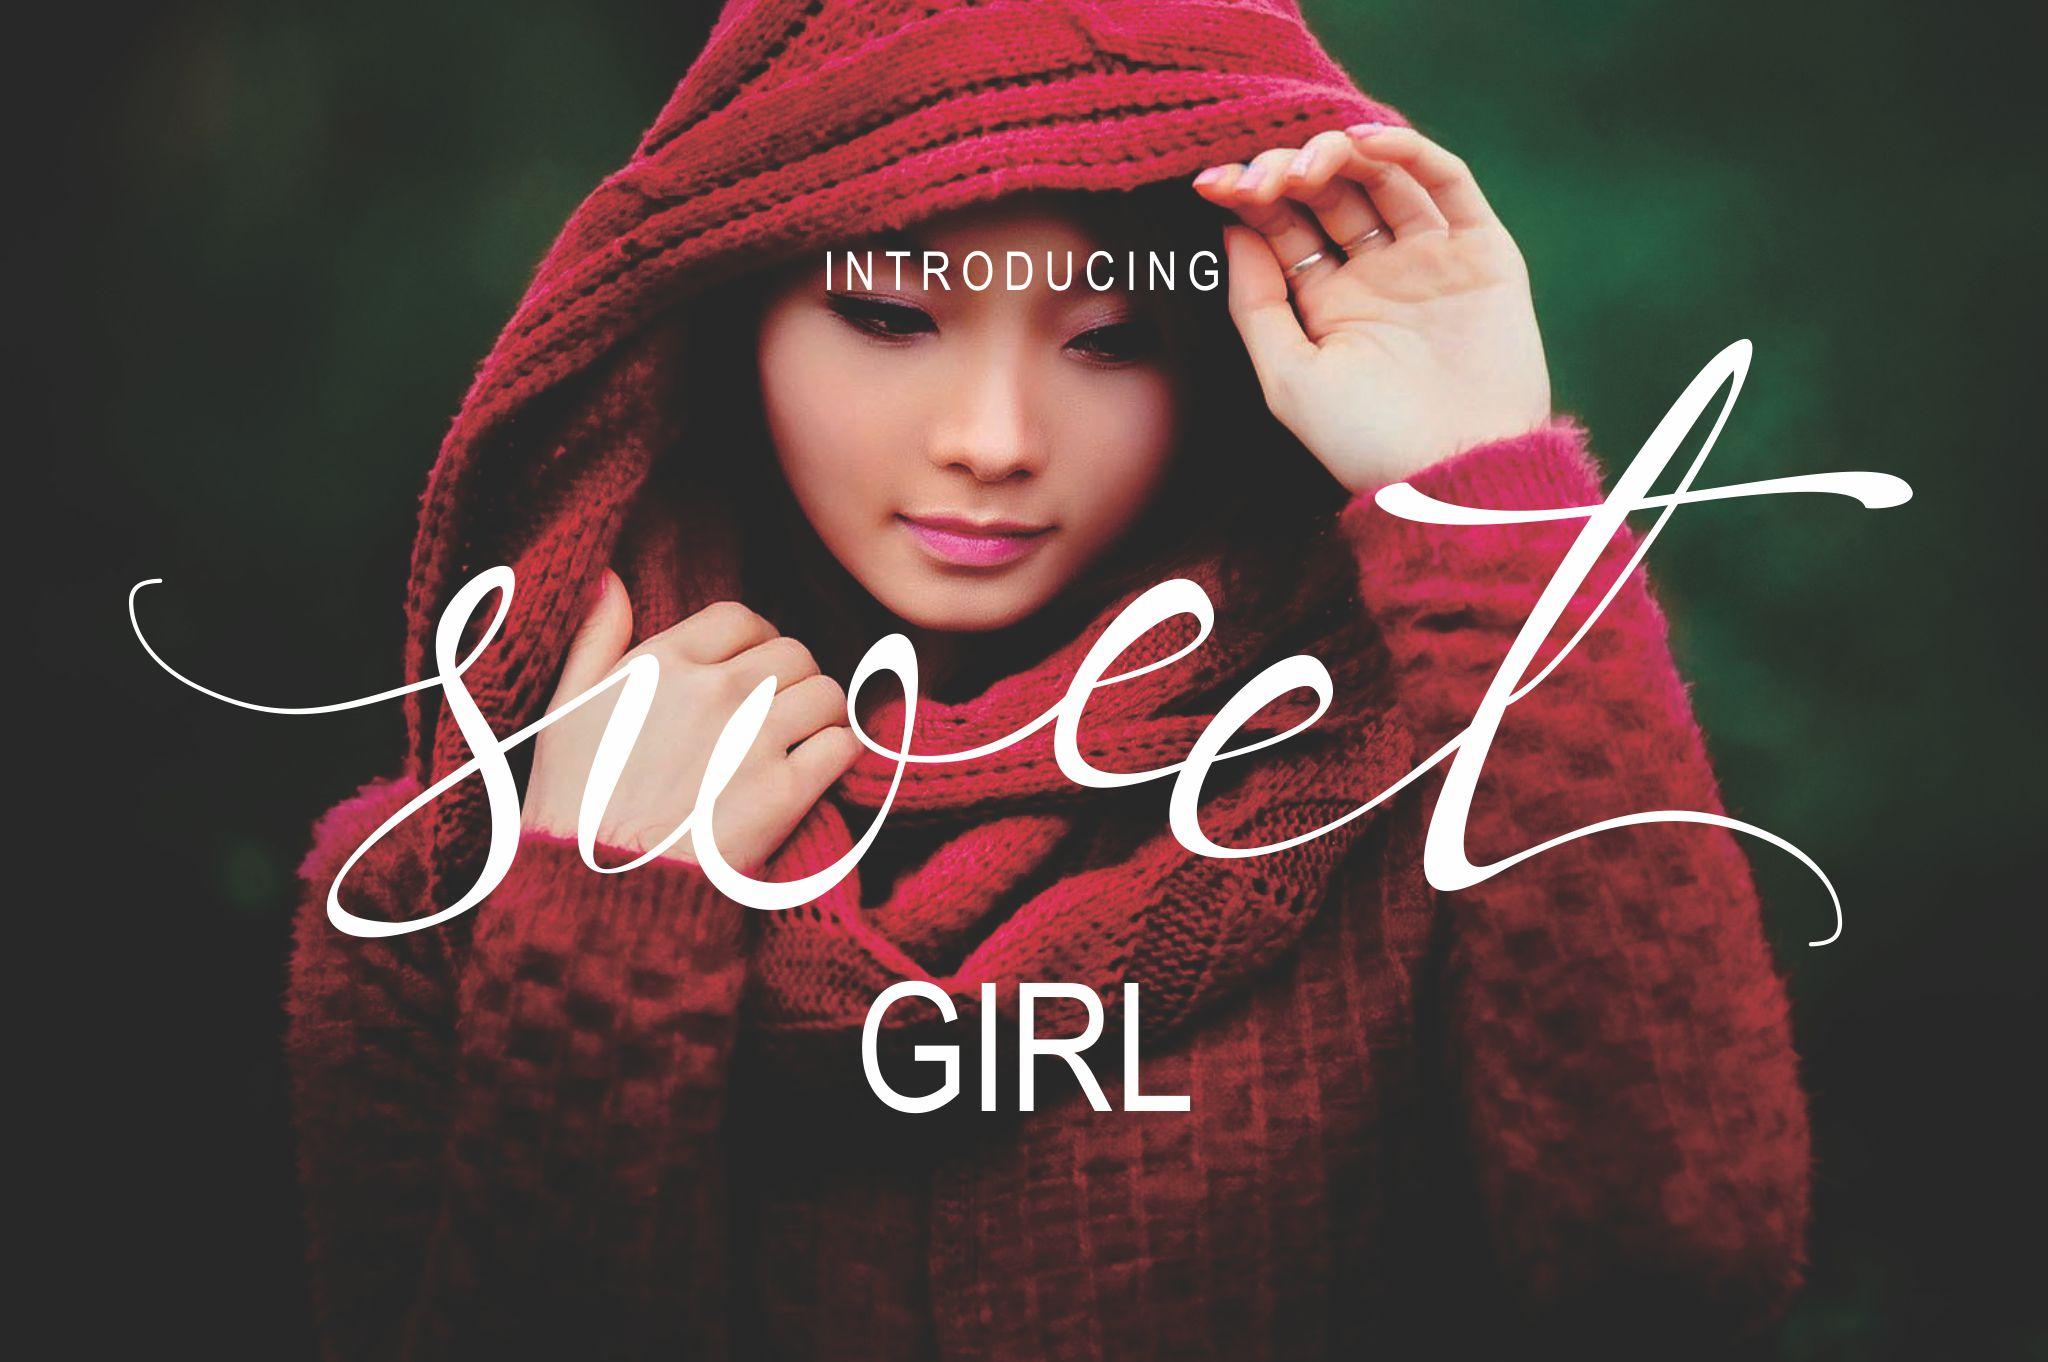 Sweet Girl example image 1